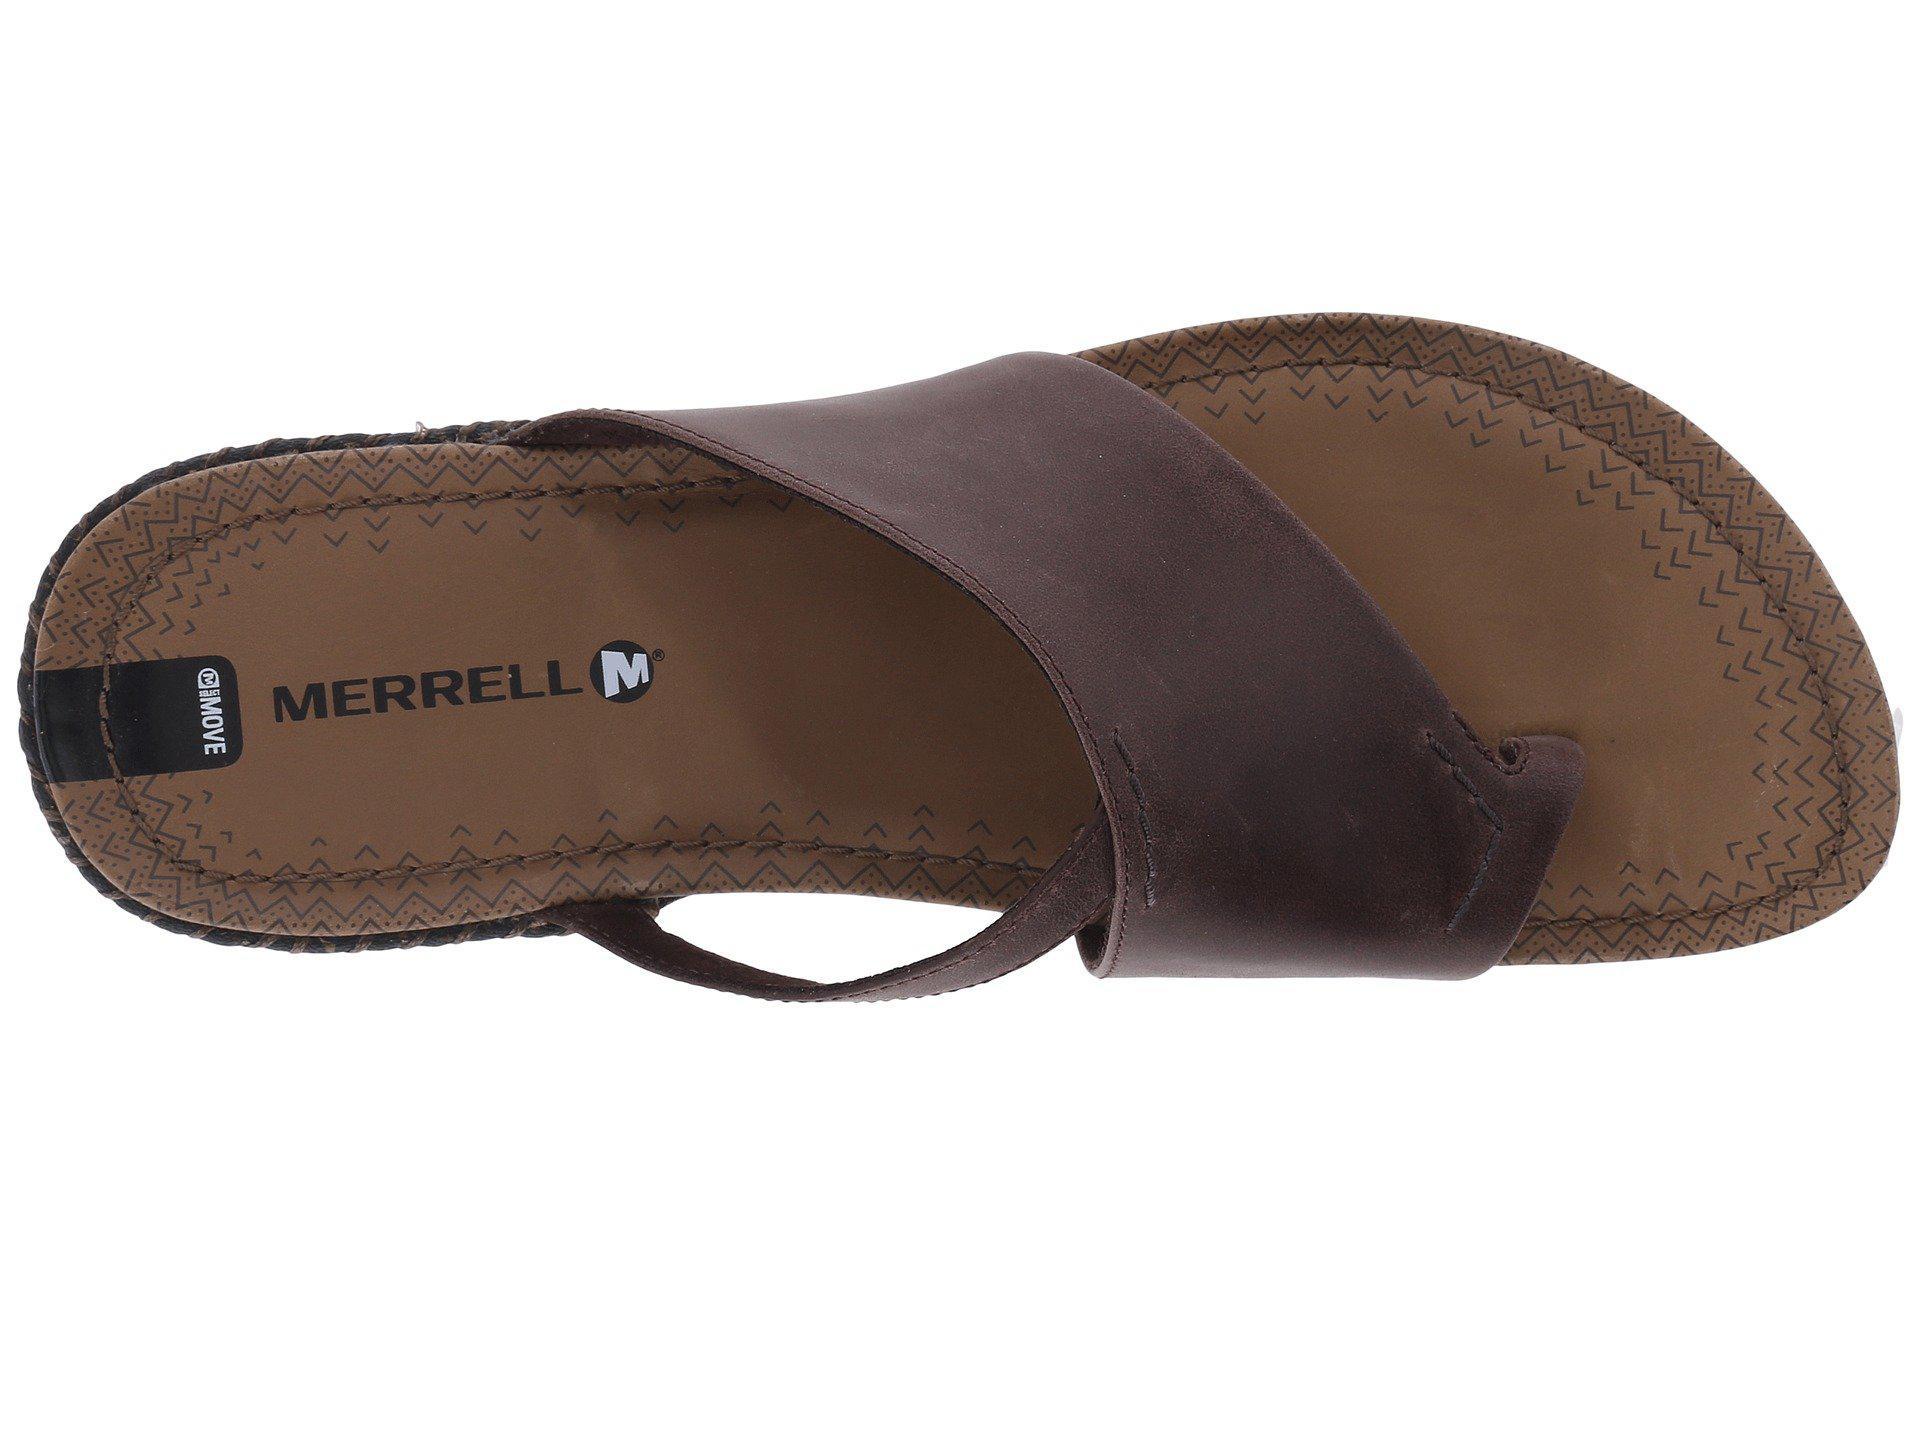 Whisper Wrap Merrell o3gfkLm